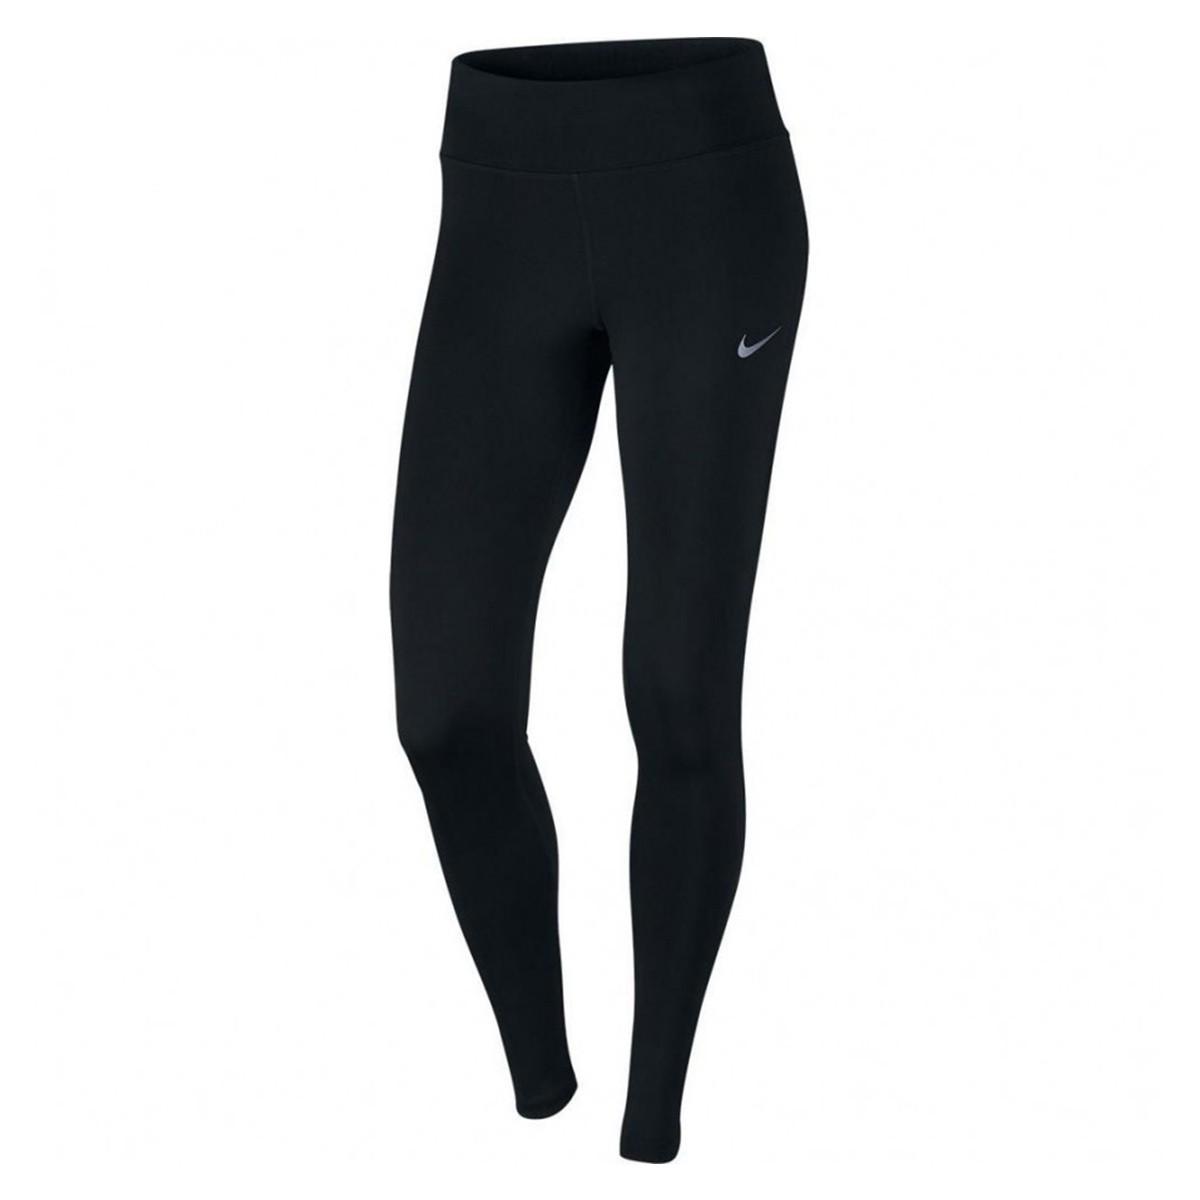 Calça Legging Nike Power Essential Tigh - Preta - Feminina